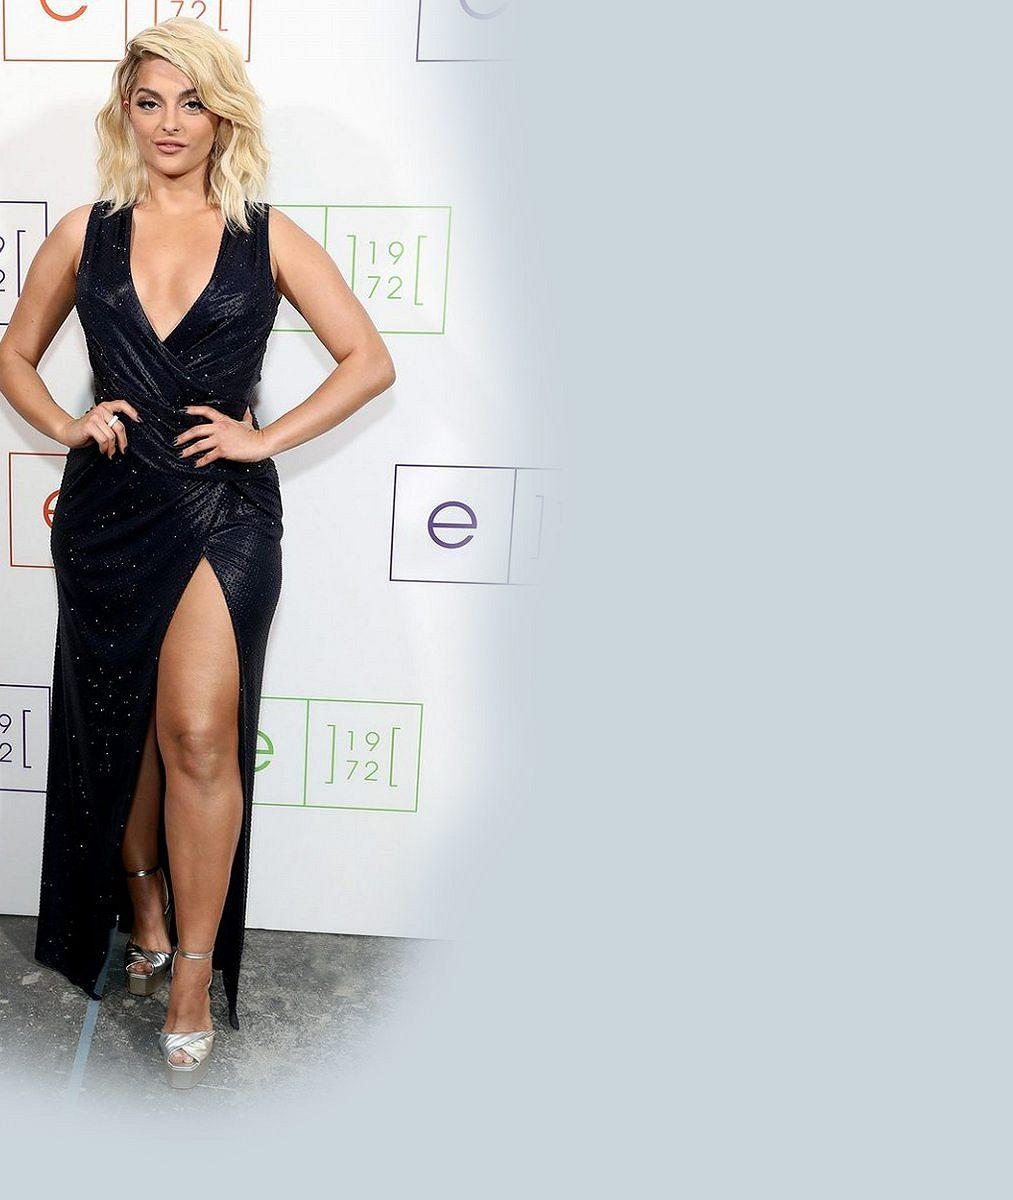 Americká kráska smocnými stehny si troufla vystoupit mezi profesionálními modelkami